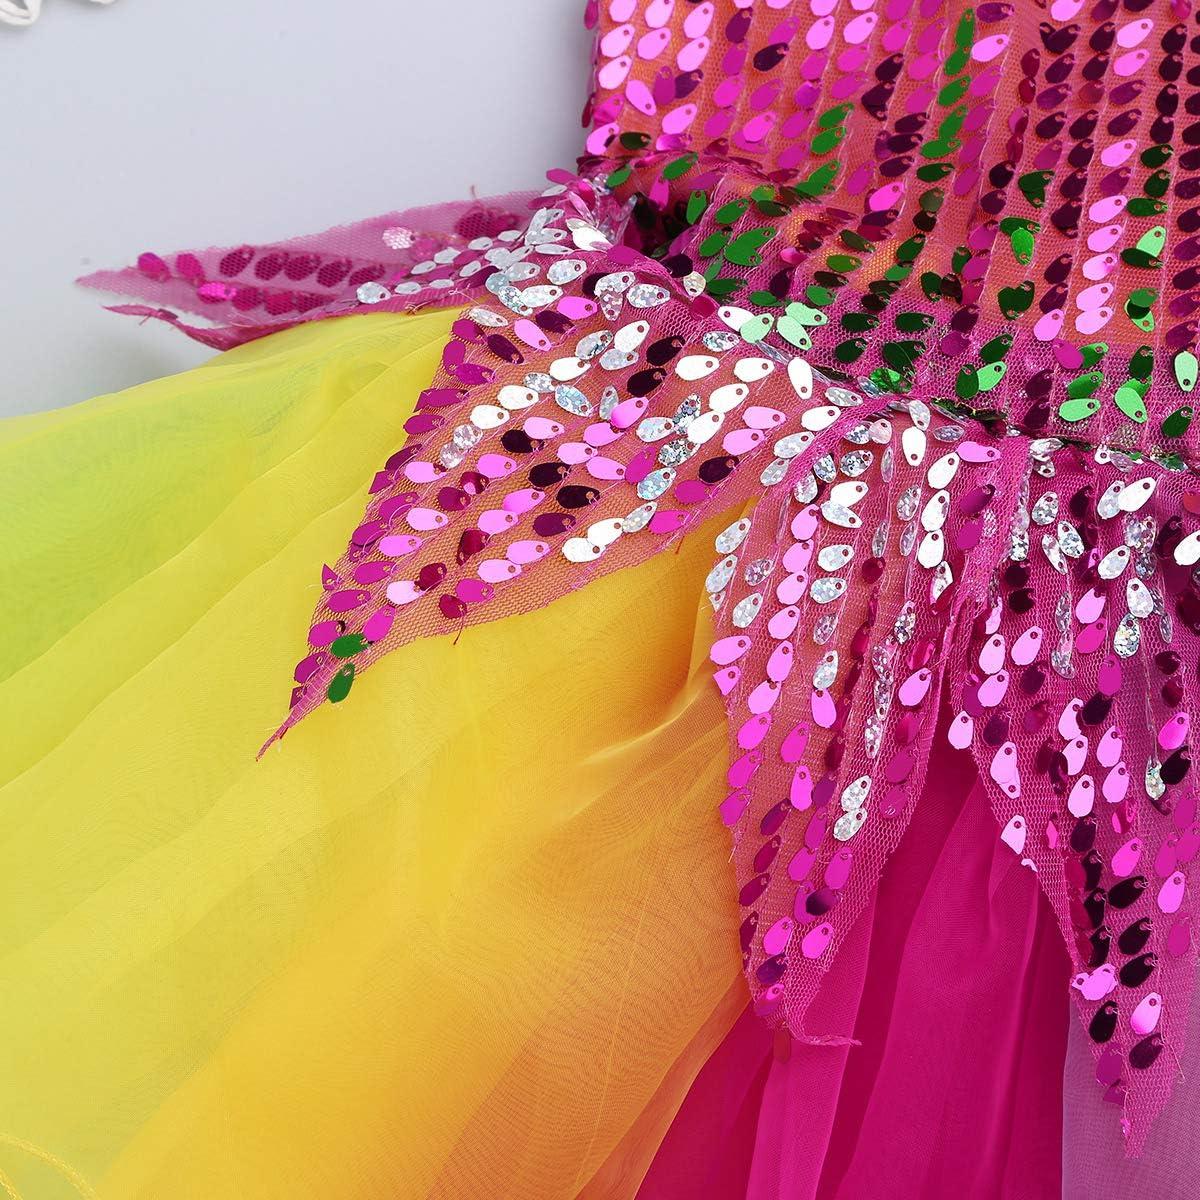 YiZYiF Enfant Fille Robe de Danse Justaucorps Ballet Latine Patinage Pom-Pom Robe /à Paillette Robe Soir/ée et Bracelet Costume Danse Performance Carnaval Robe 18 Mois-12 Ans